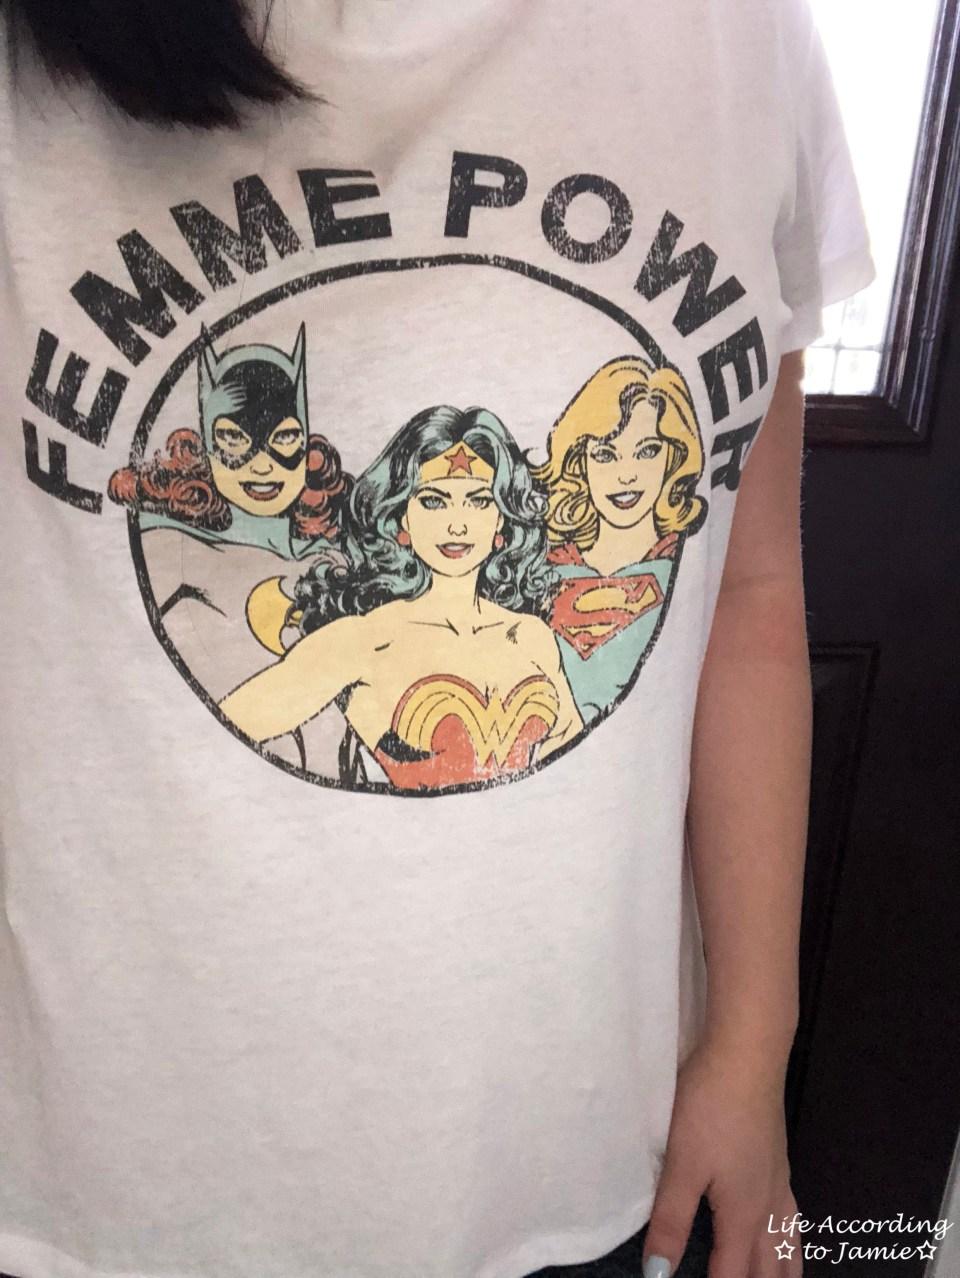 Femme Power t-shirt